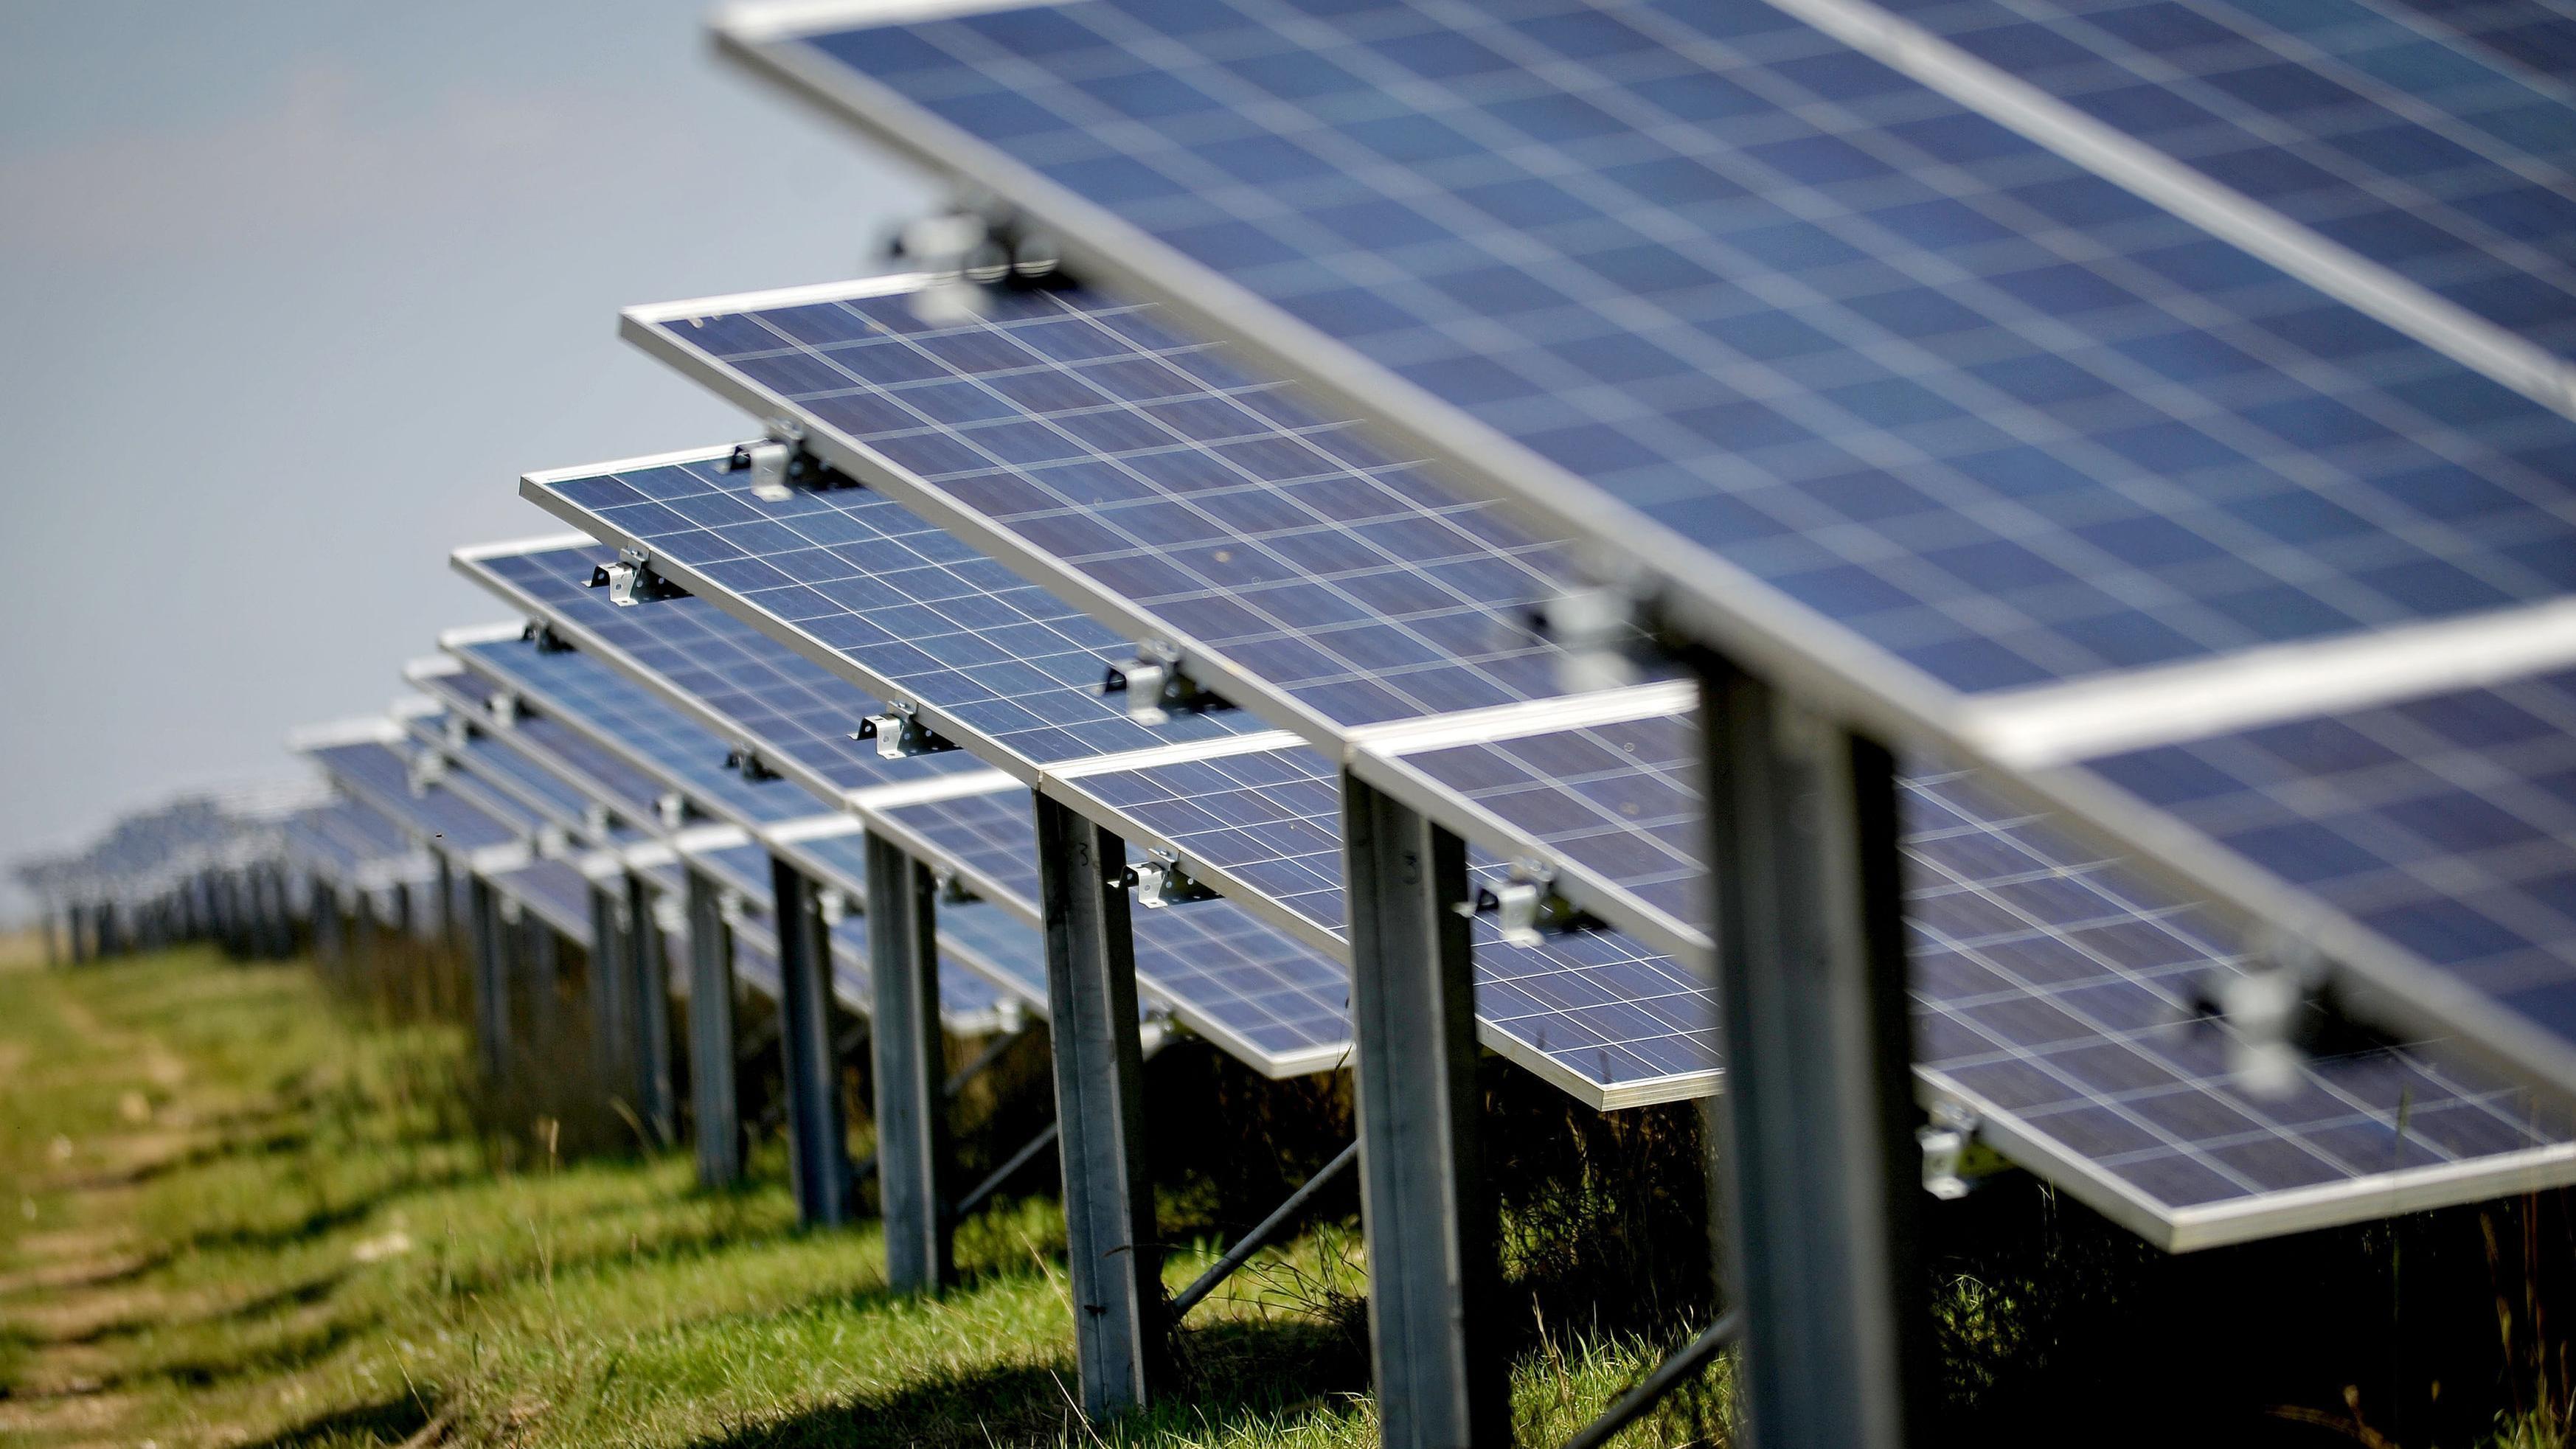 Britain's biggest solar farm